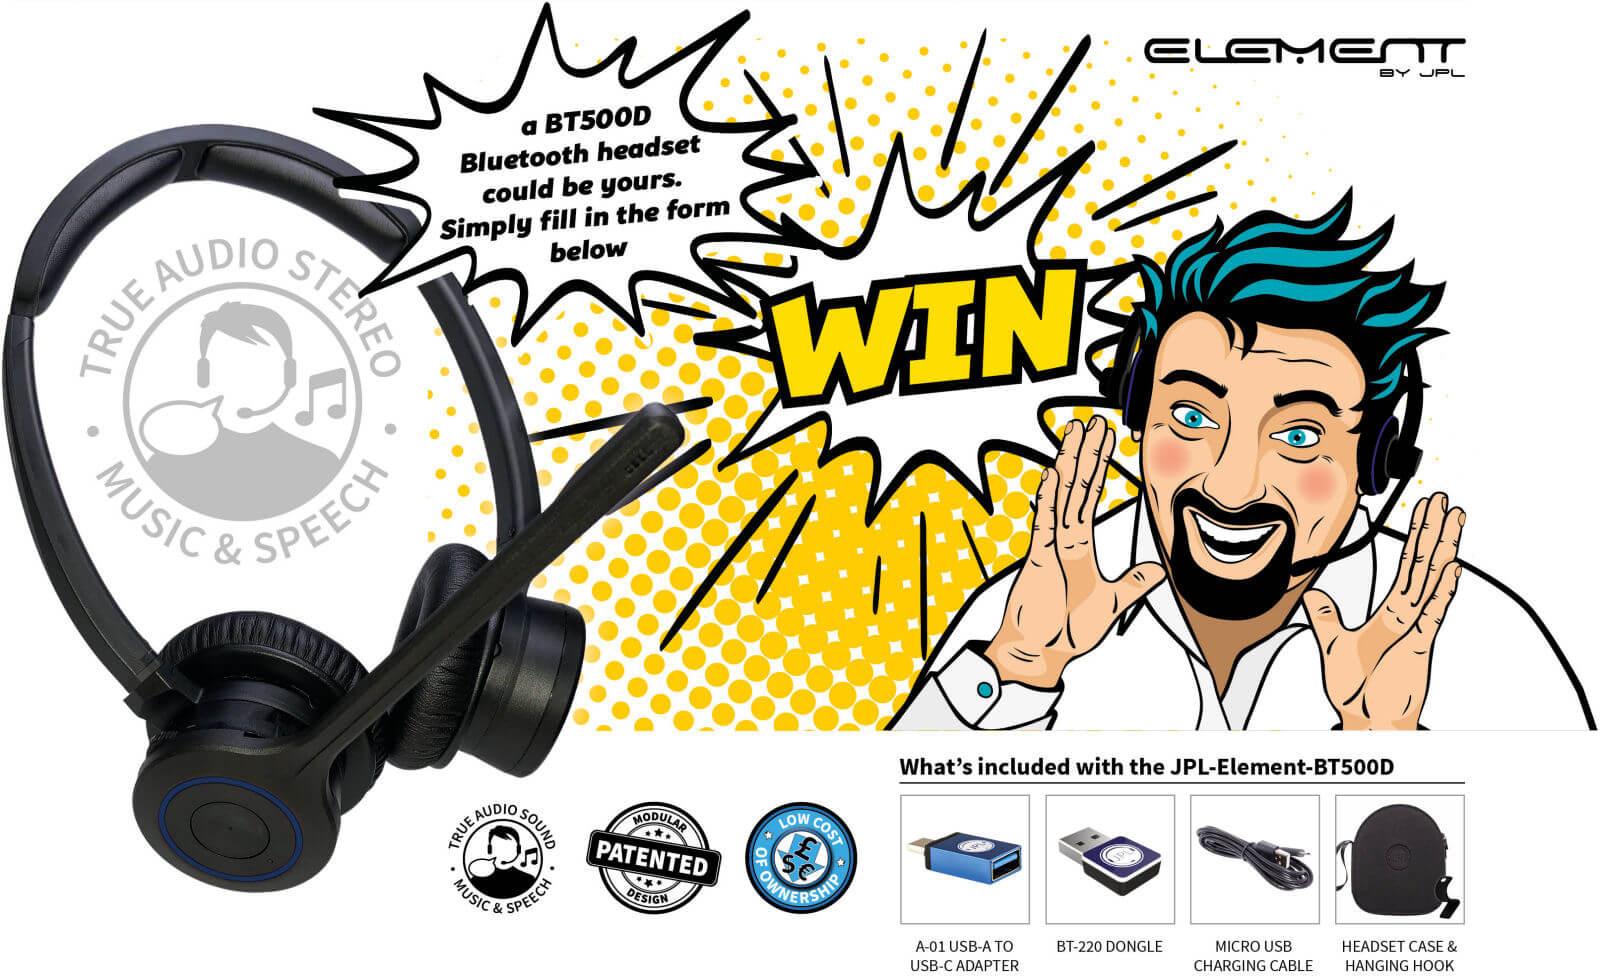 WIN a JPL-Element-BT500D Bluetooth headset